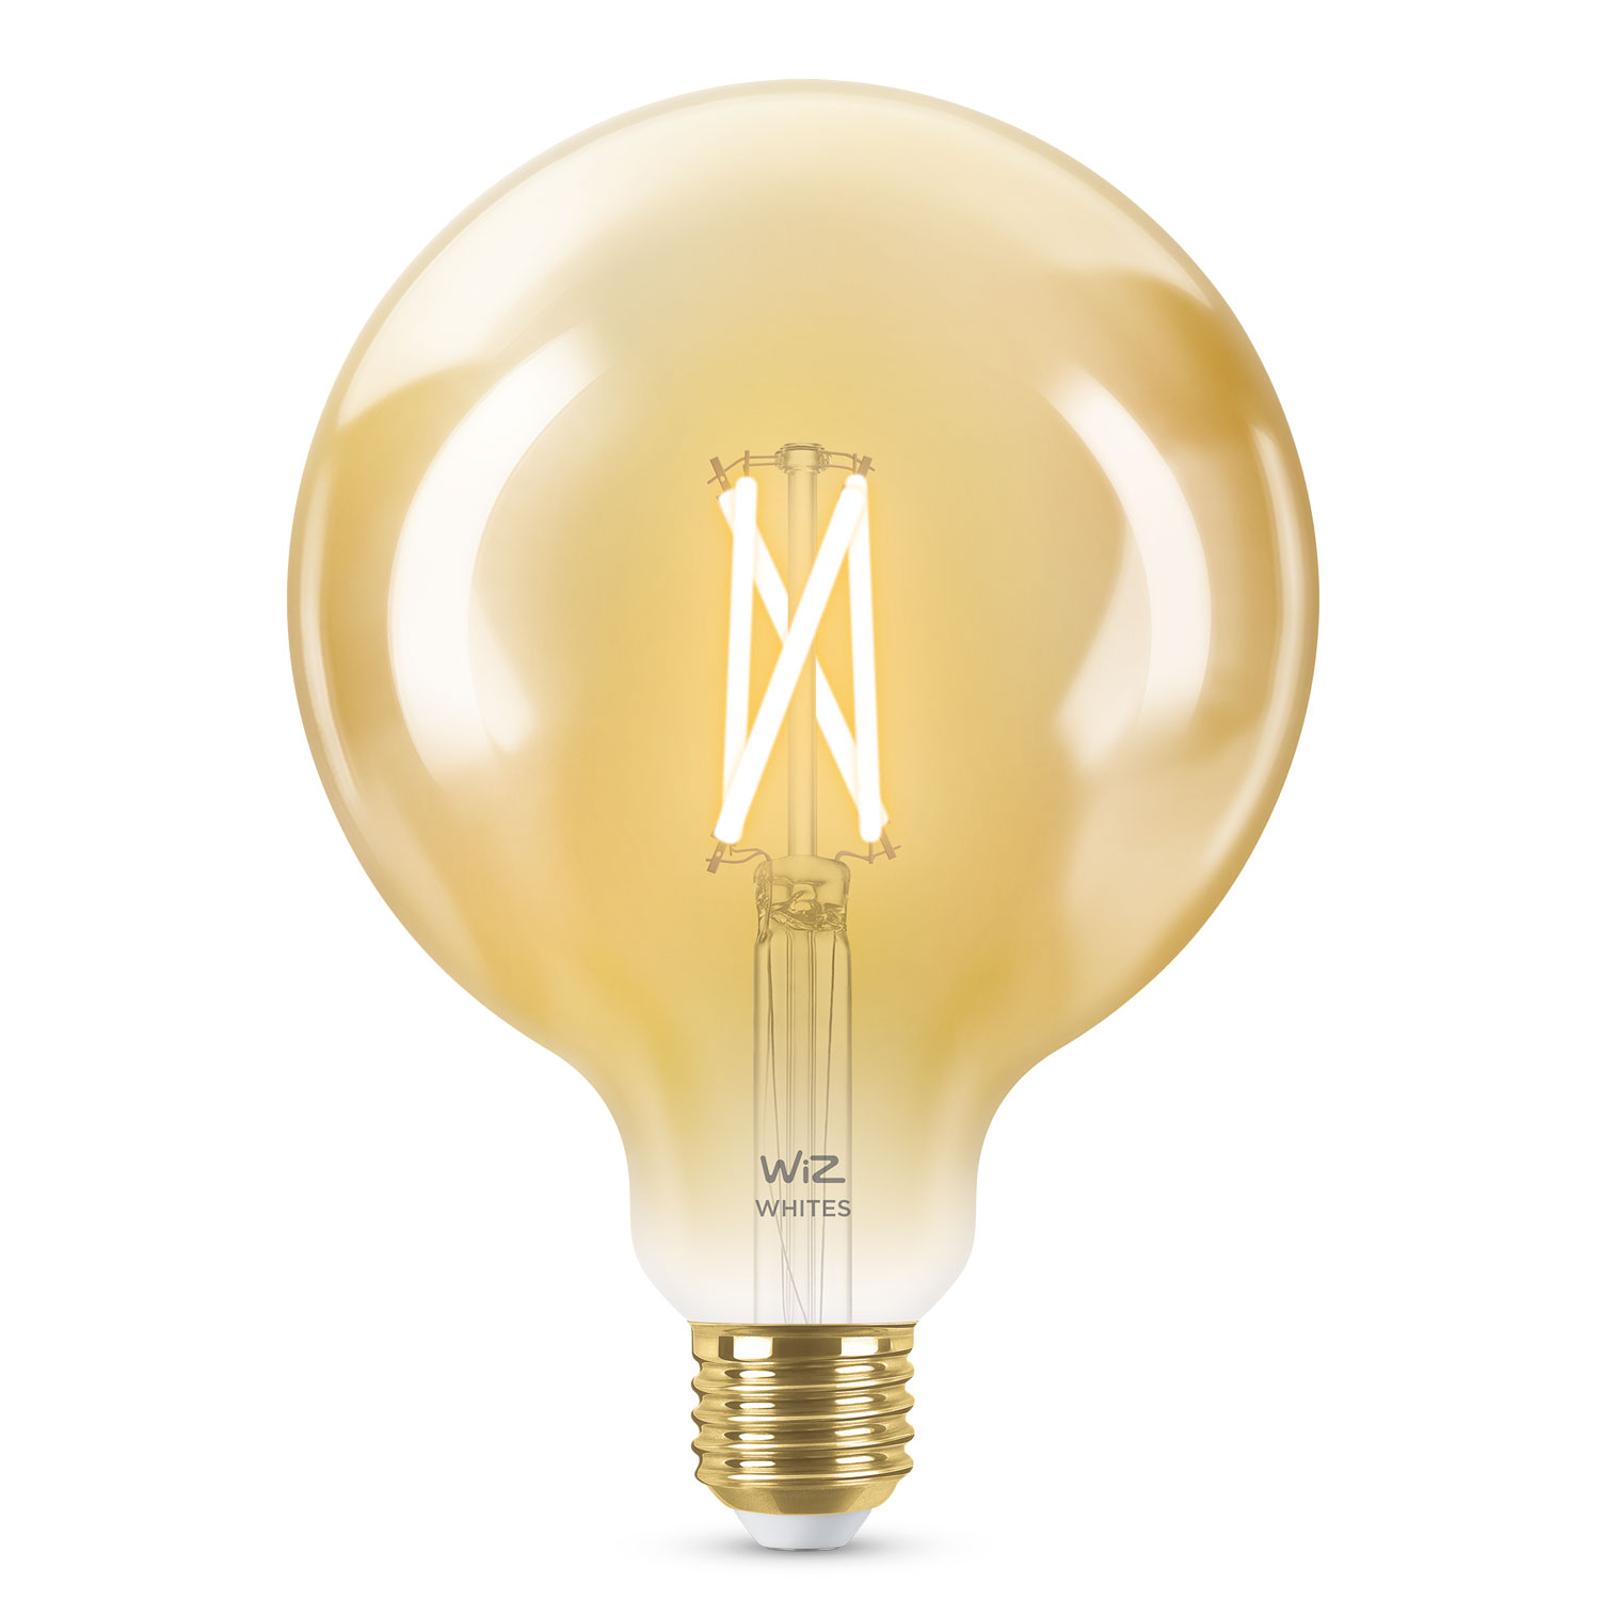 WiZ E27 LED G125 filament rav 6,5 W 2000-4500K